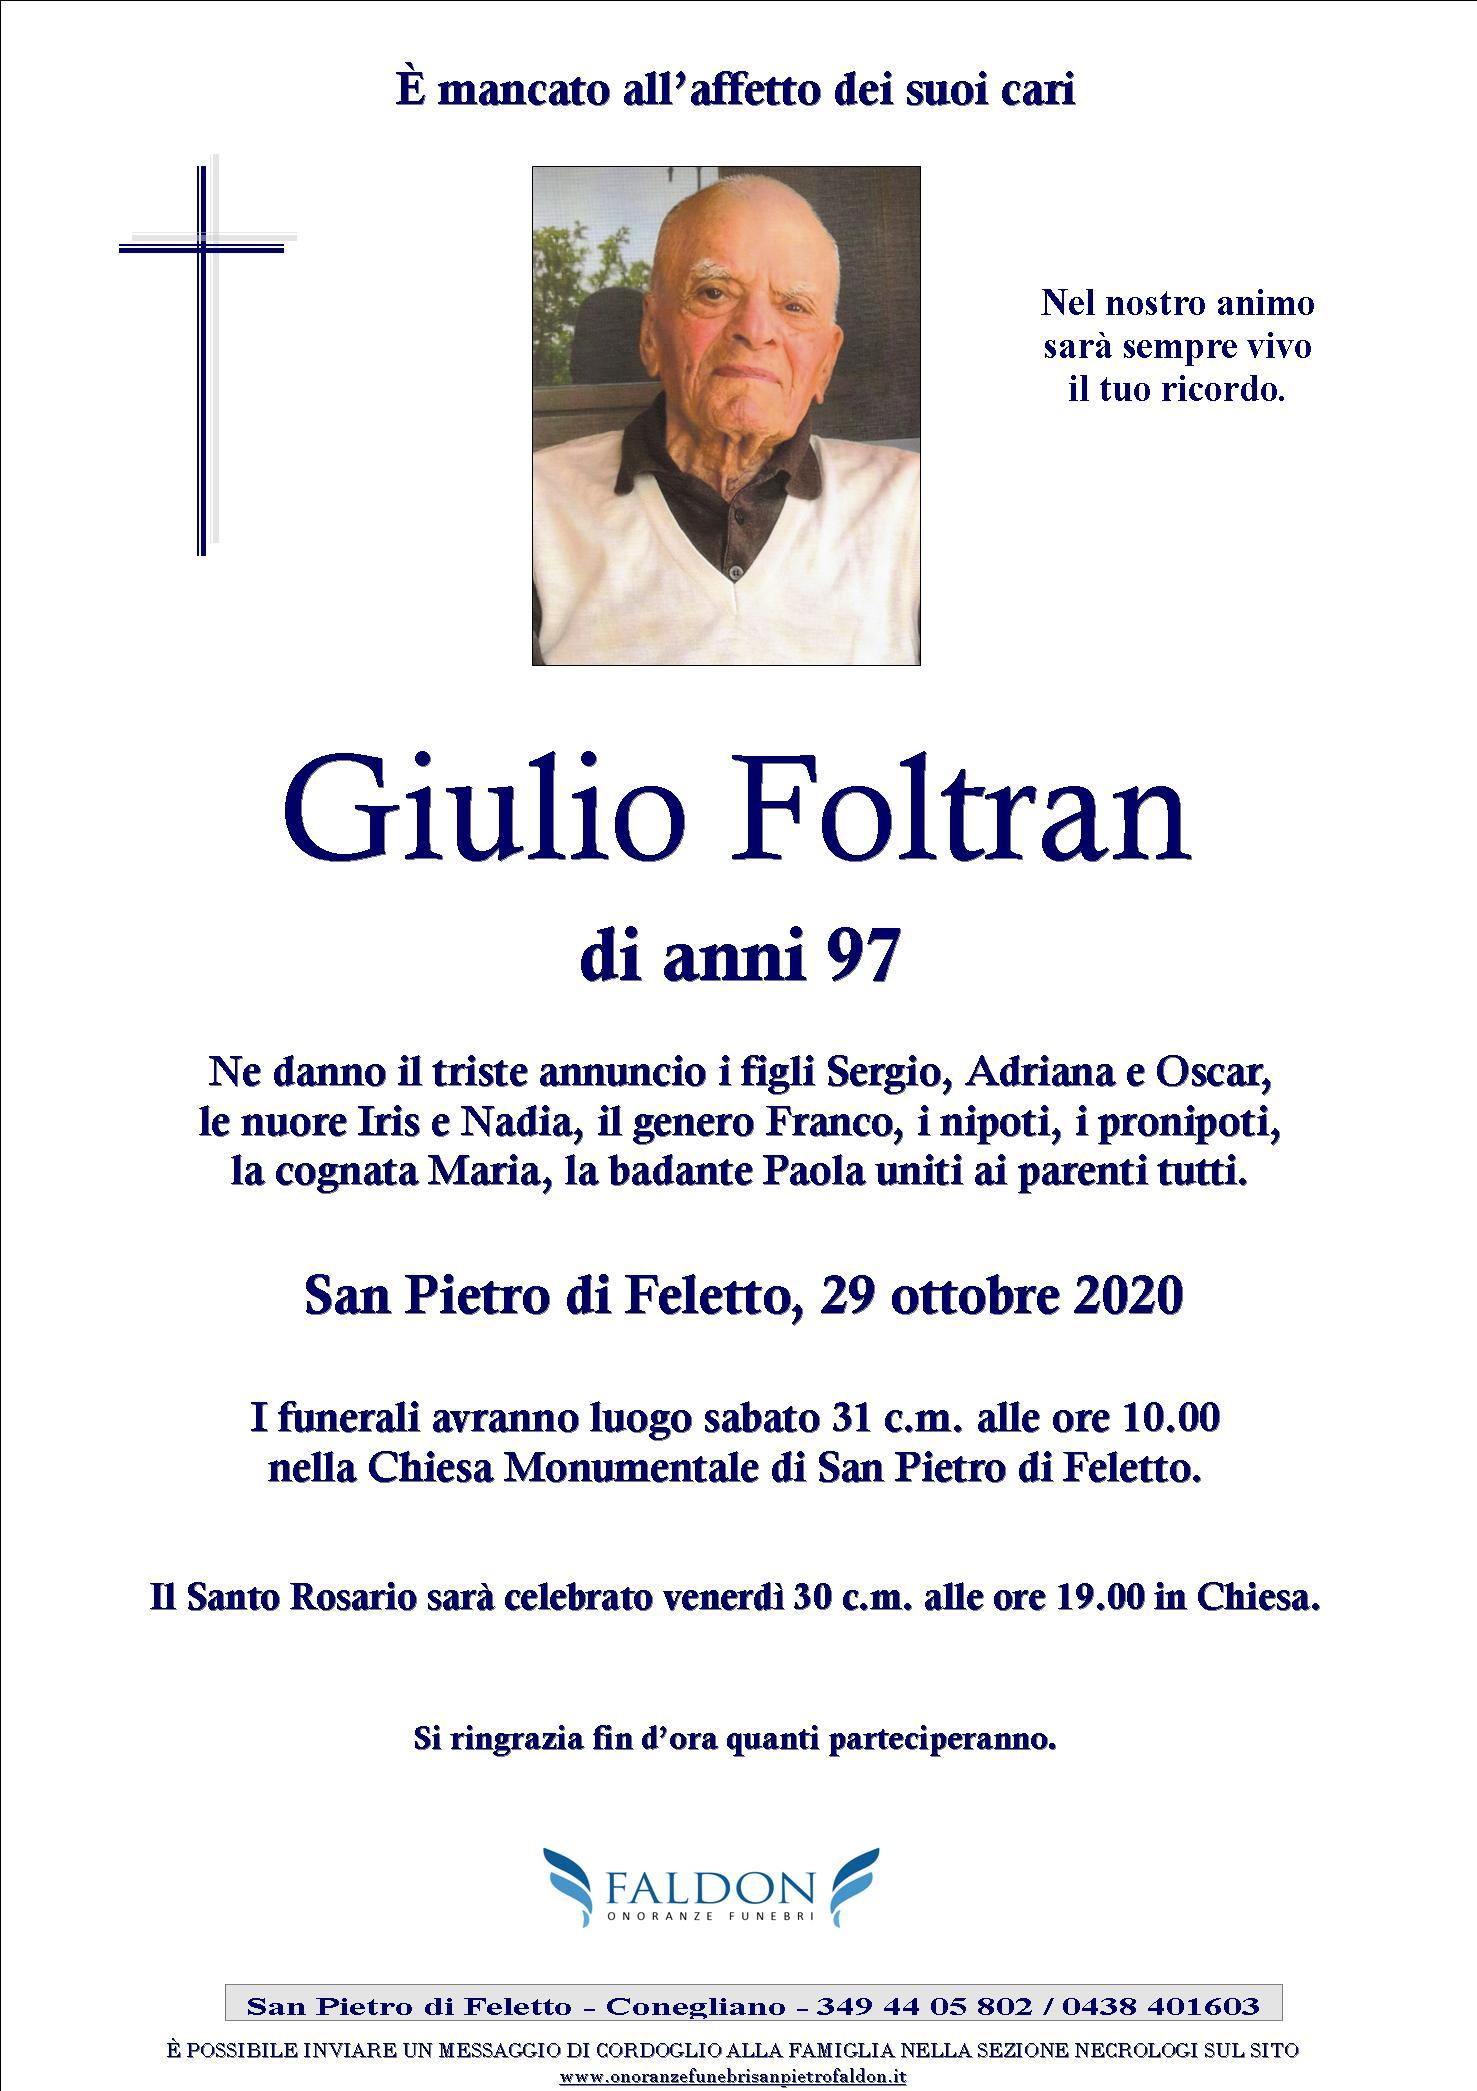 Giulio Foltran